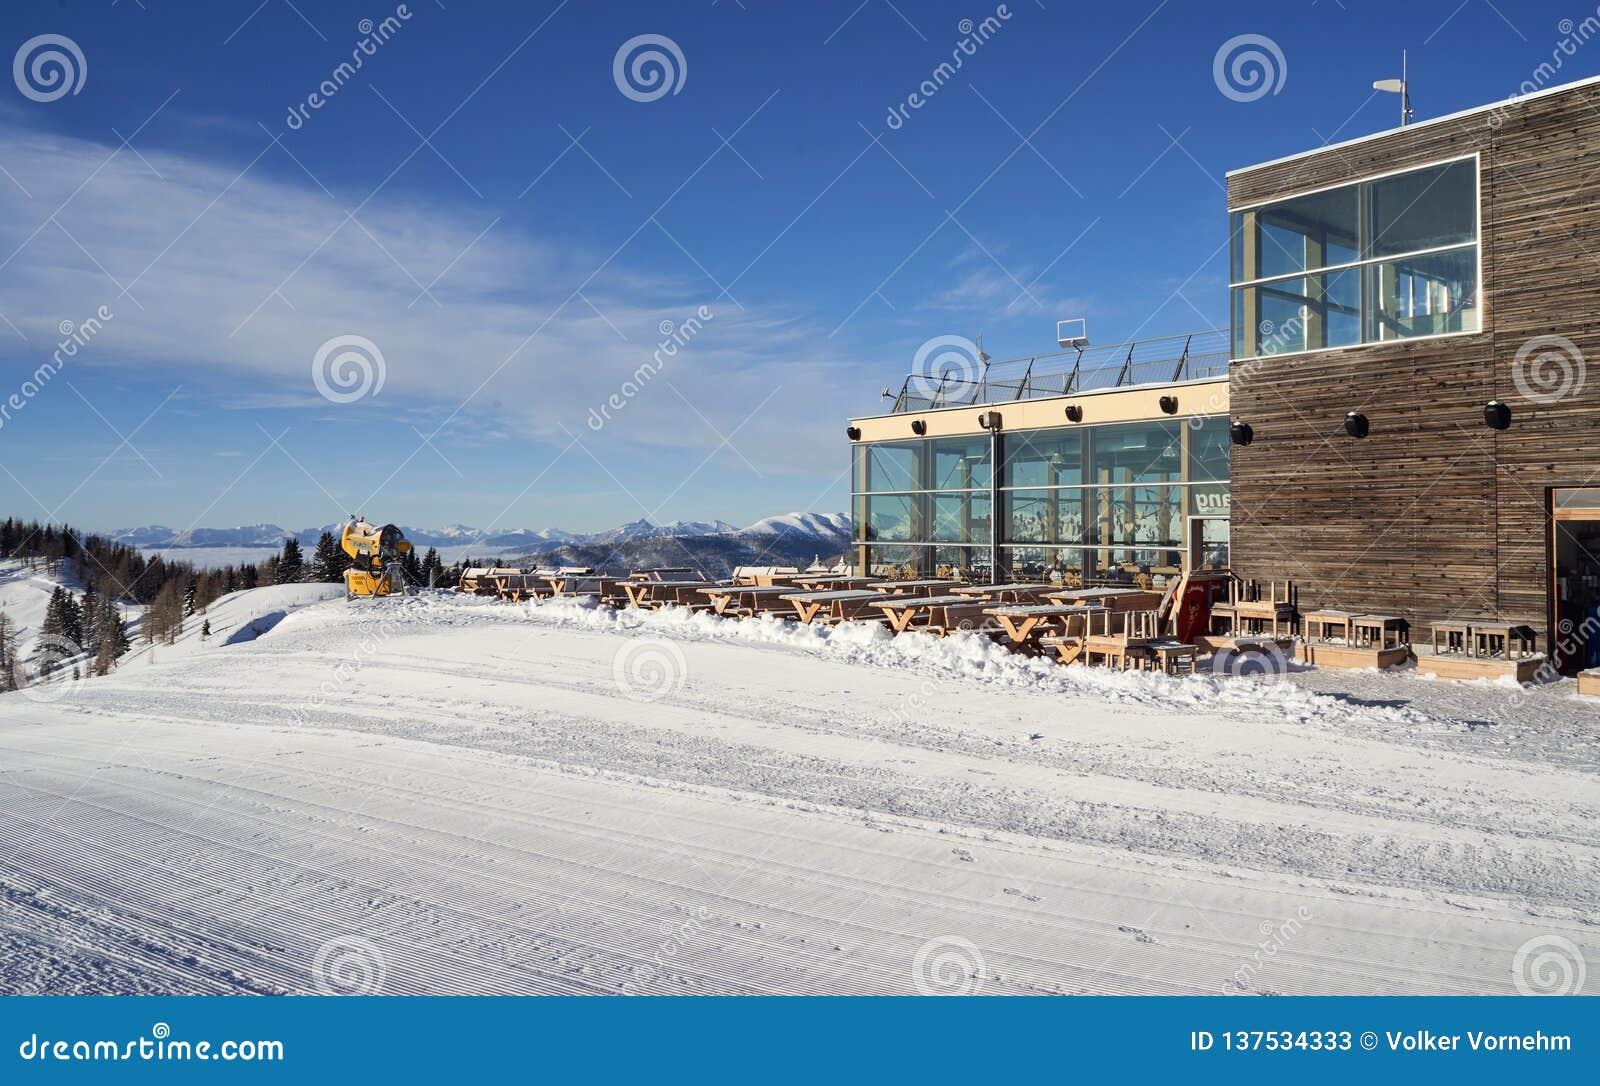 Brunnach Ski Resort, St Oswald, Carinthia, Áustria - 20 de janeiro de 2019: Na estação Brunnach da montanha em St Oswald, Áustria